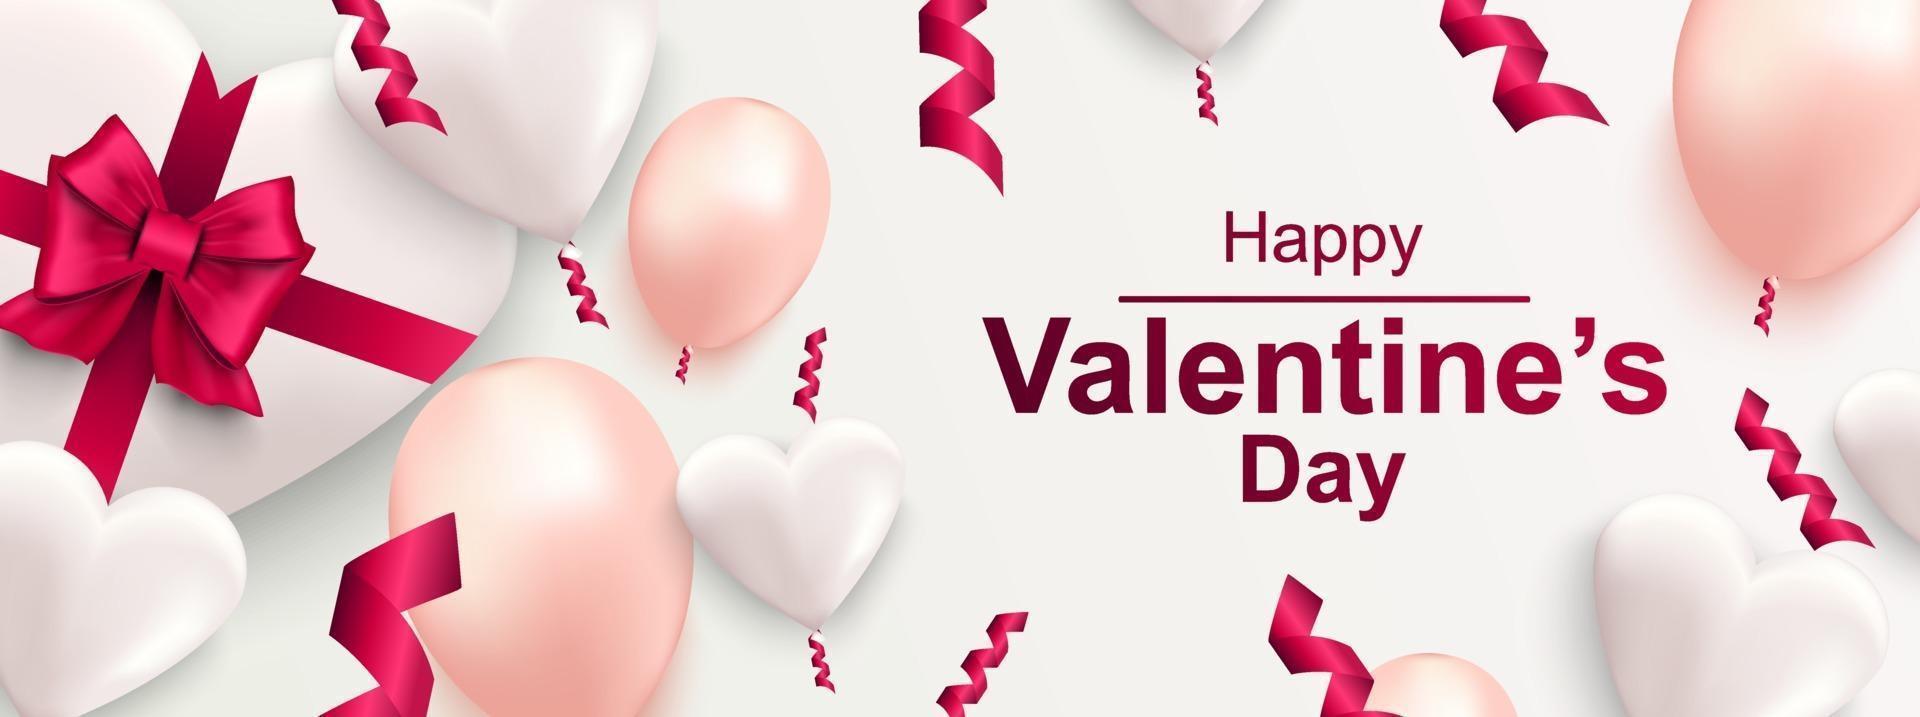 banner web orizzontale felice giorno di san valentino. confezione regalo realistica con fiocco, cuore vettore